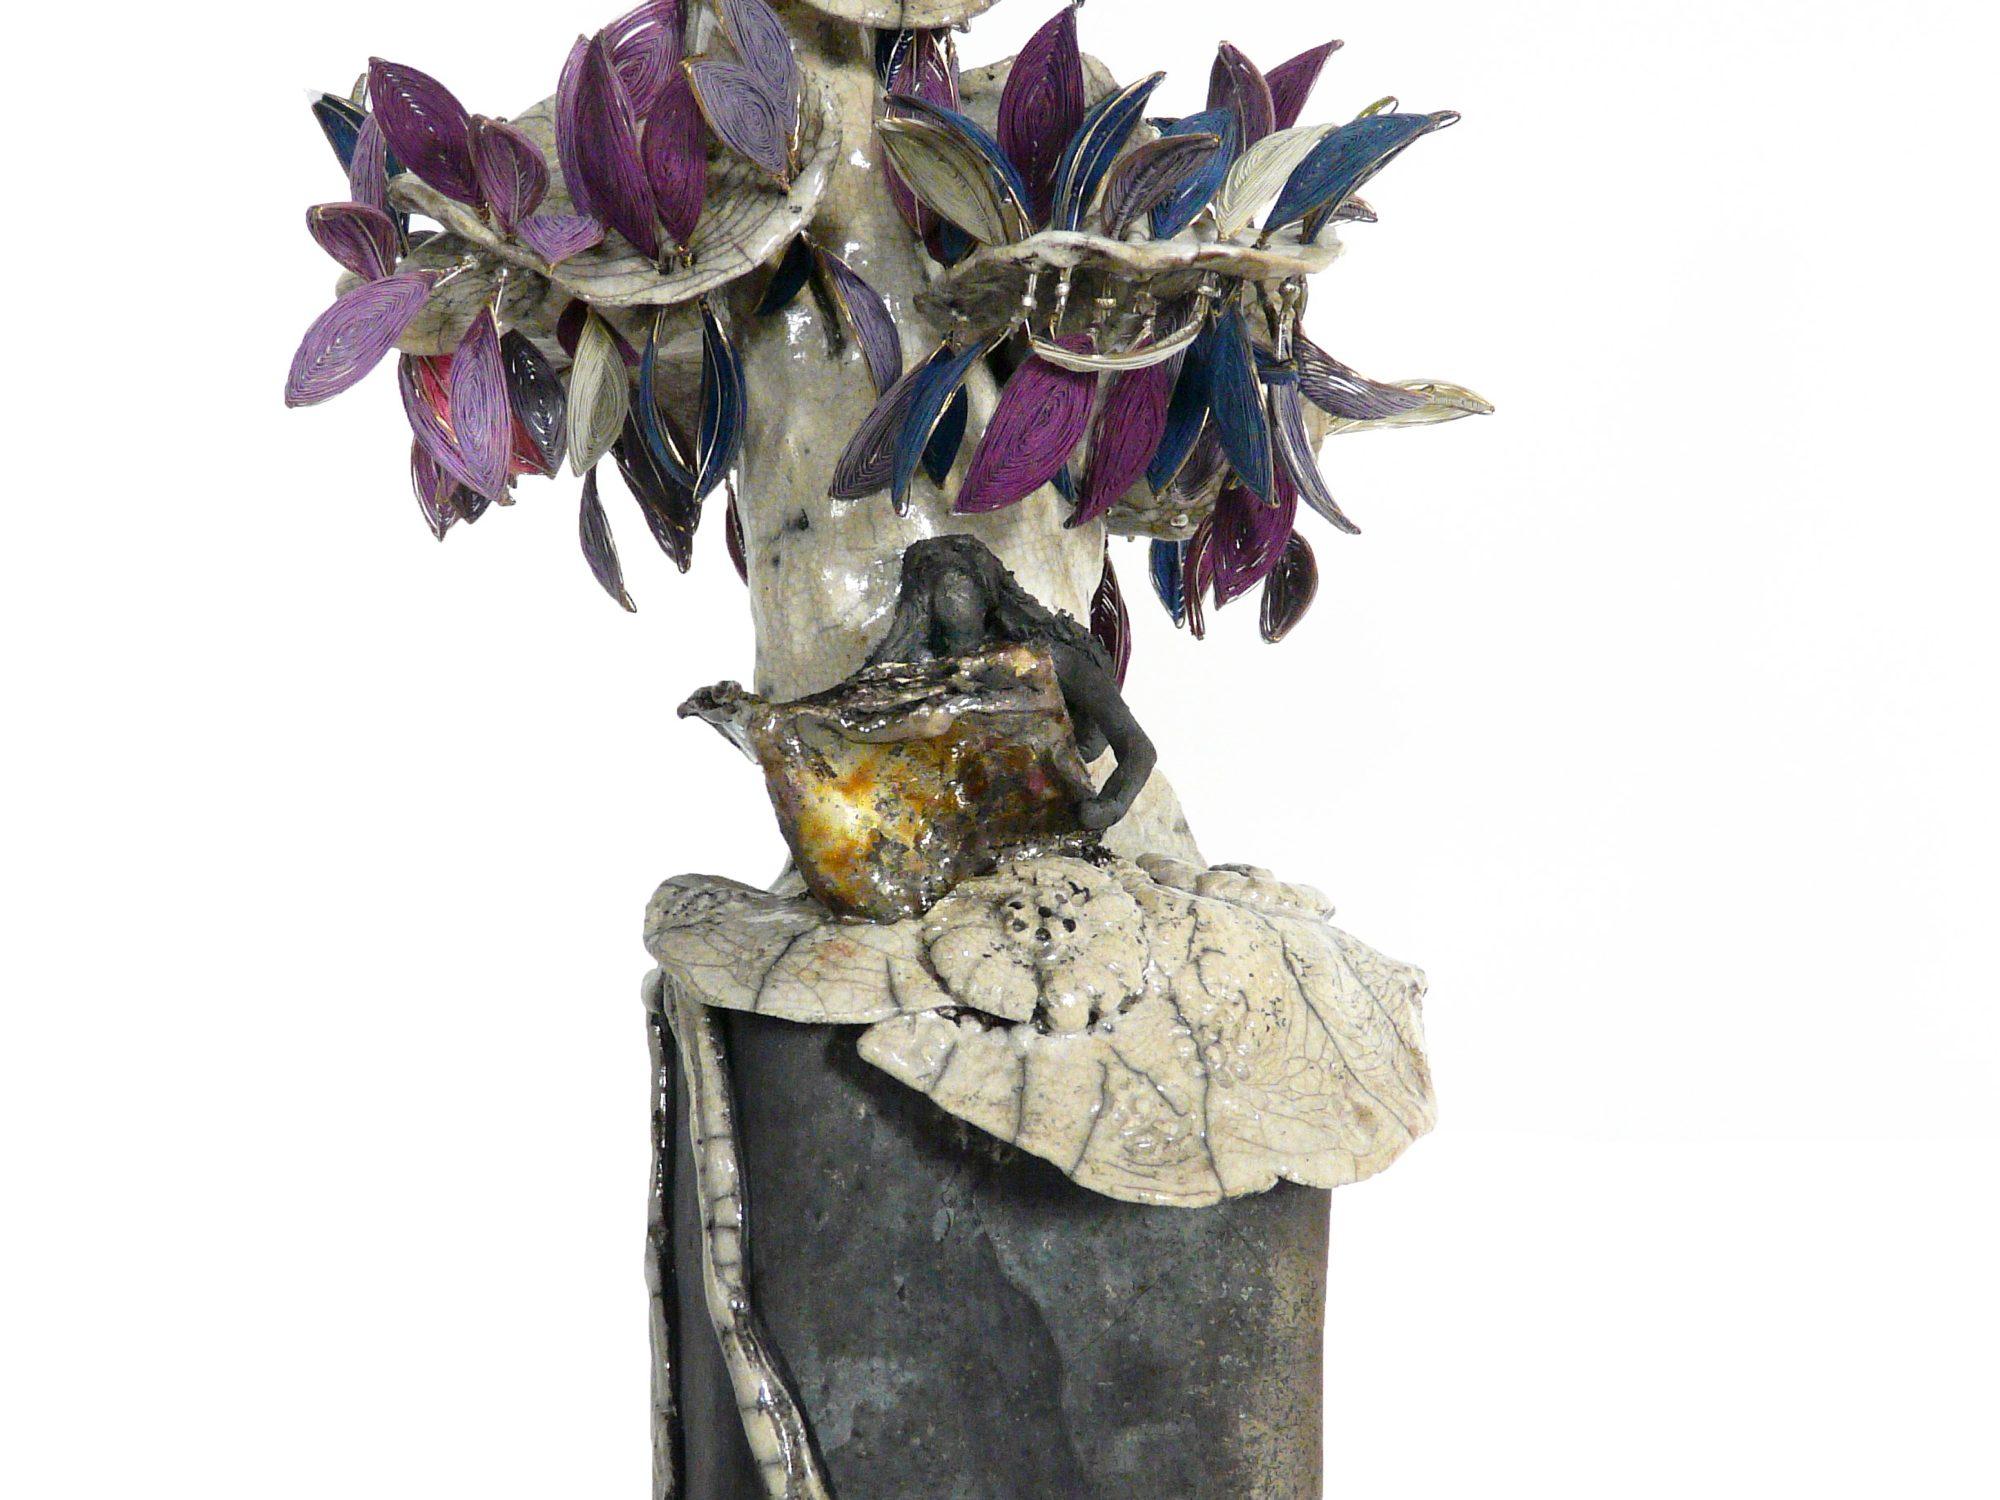 Lecture sous le Plumier en fleurs - Grès – Raku - Fils d'argents et fils de soie colorés - Sculptures céramique de Florence Lemiegre